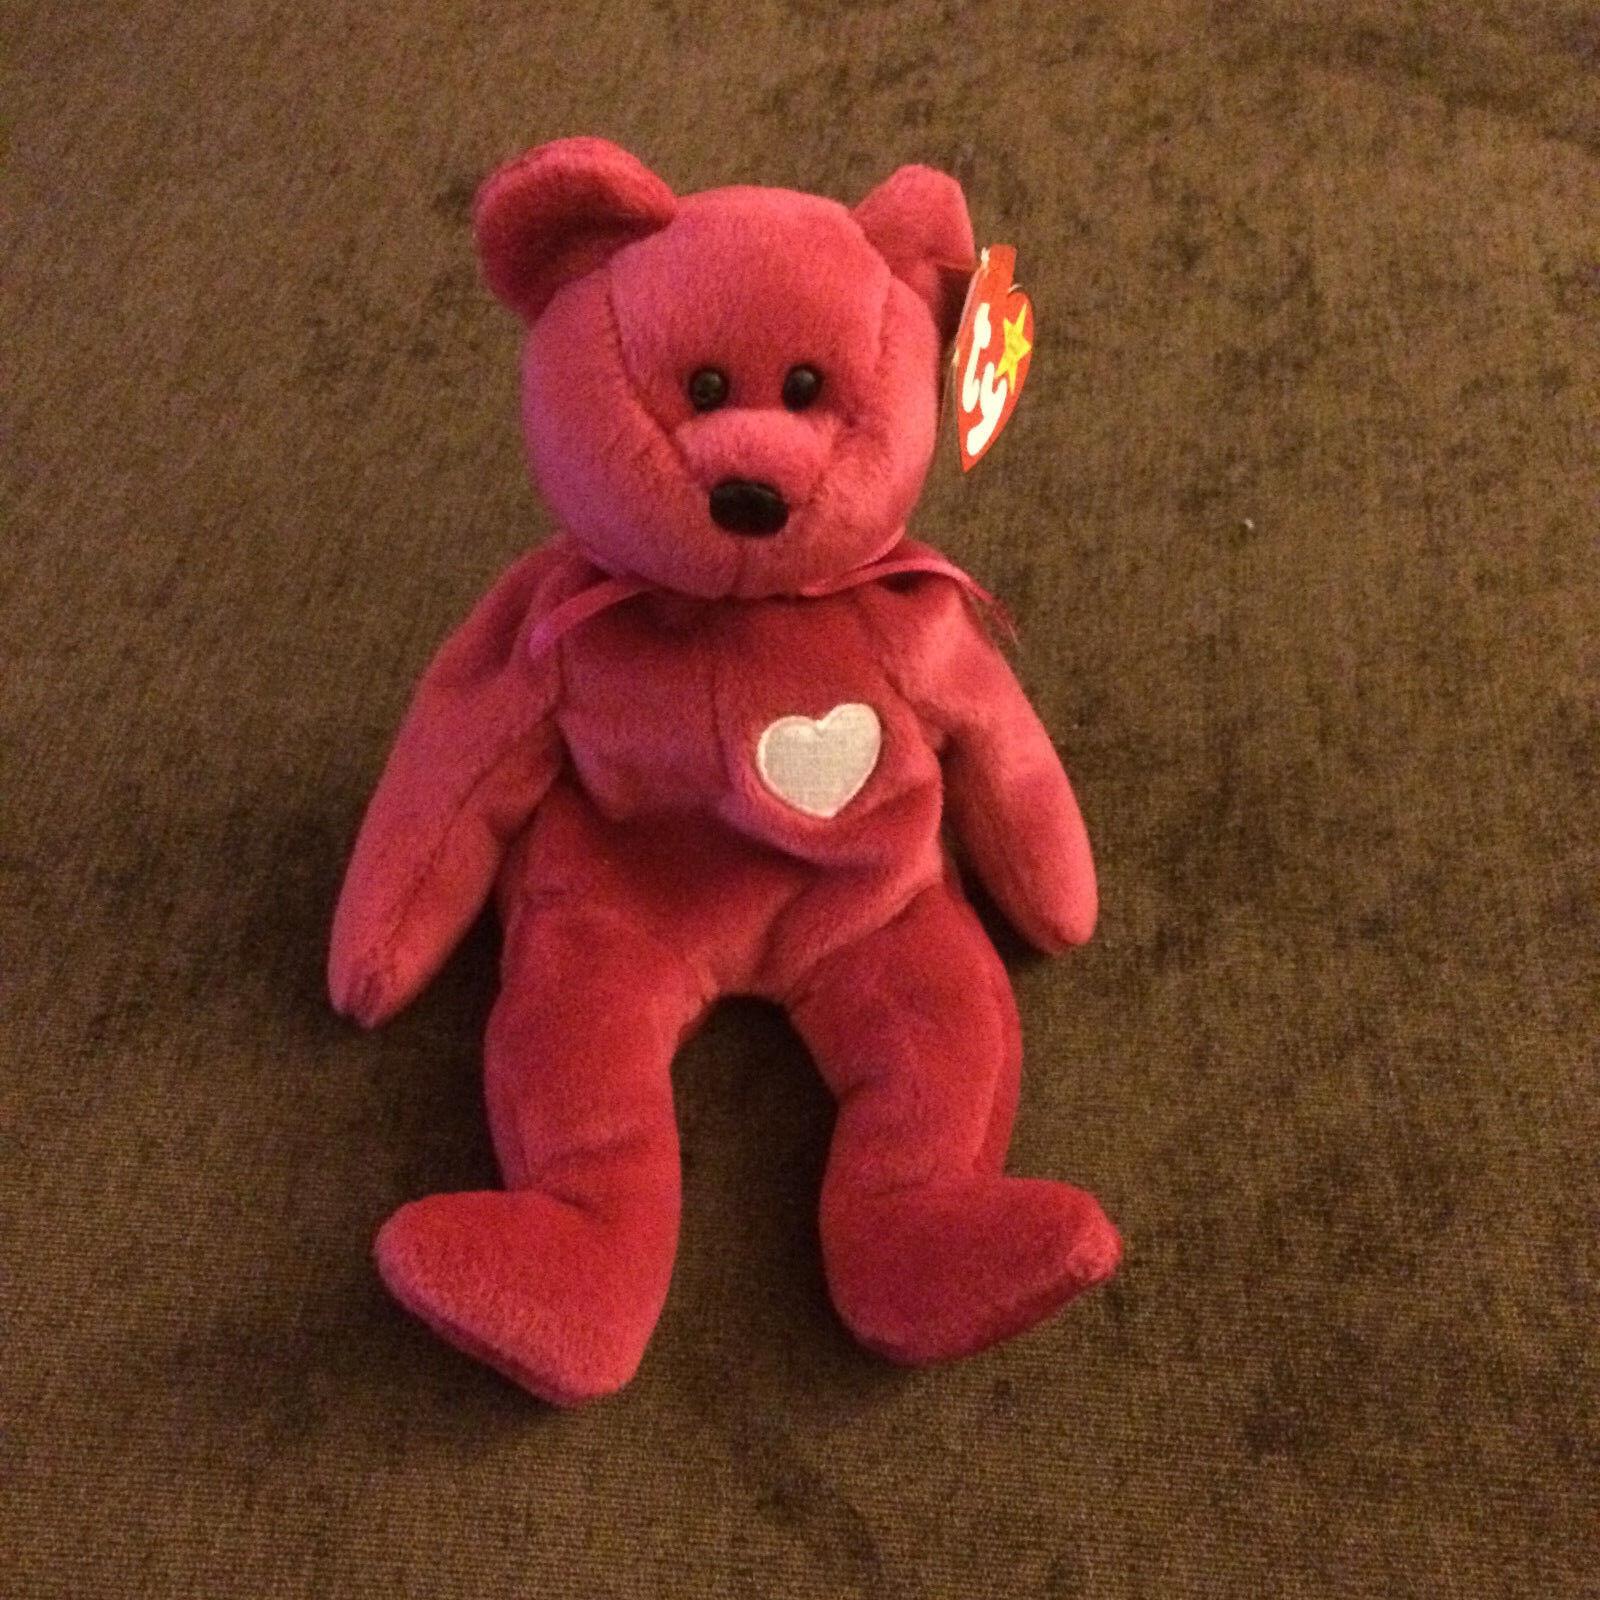 Selten kein siegel & fehler ersten ausgabe valentina bär ty beanie baby